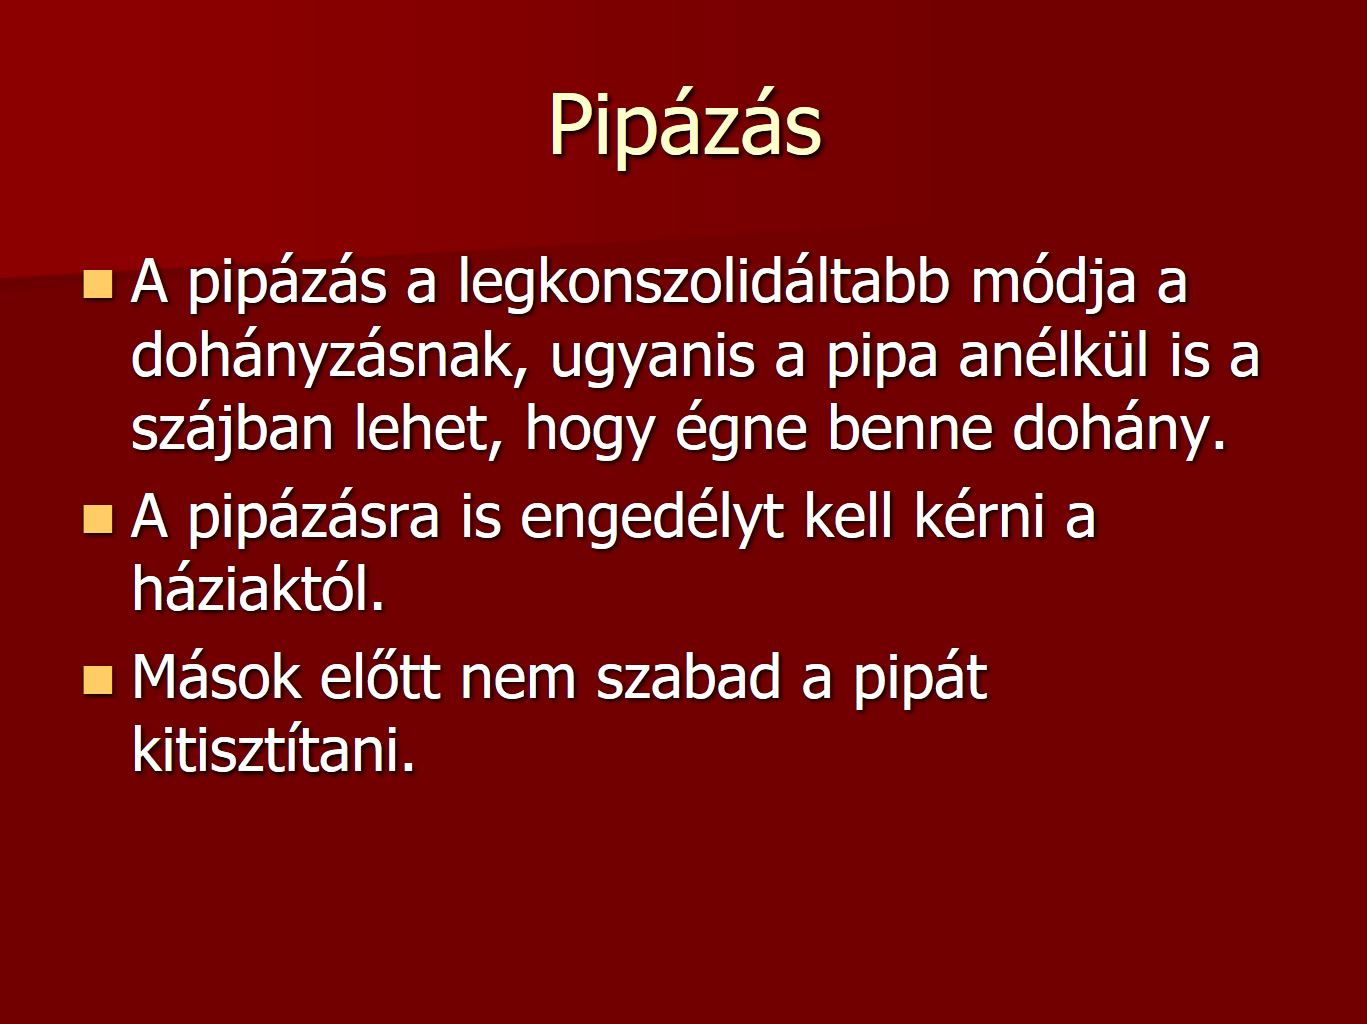 szivar_etikett_dohanyzas_illemtana_szivarozas_9.JPG